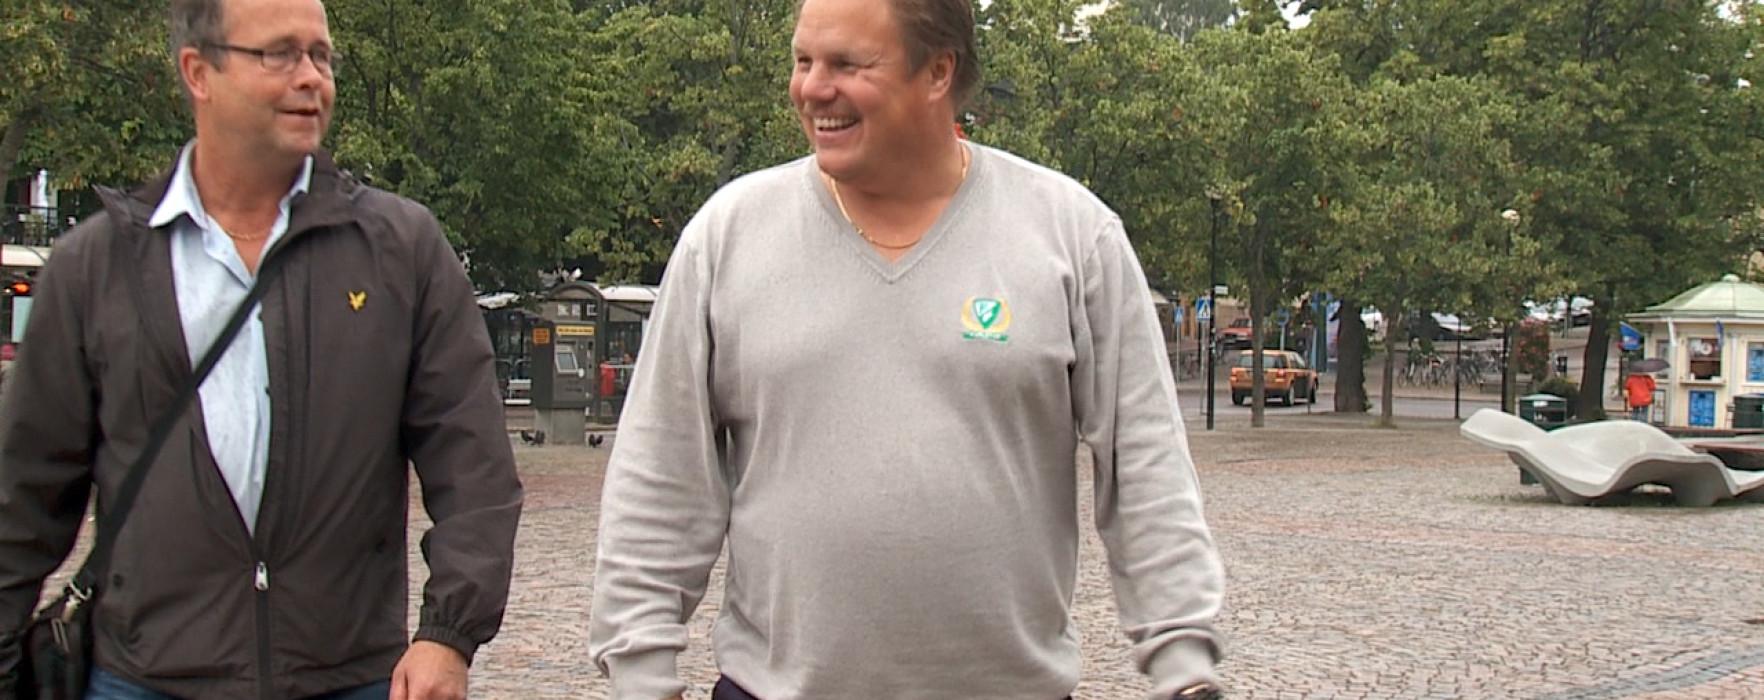 Glimt Sport – Leif Carlsson om försäsongen till SHL